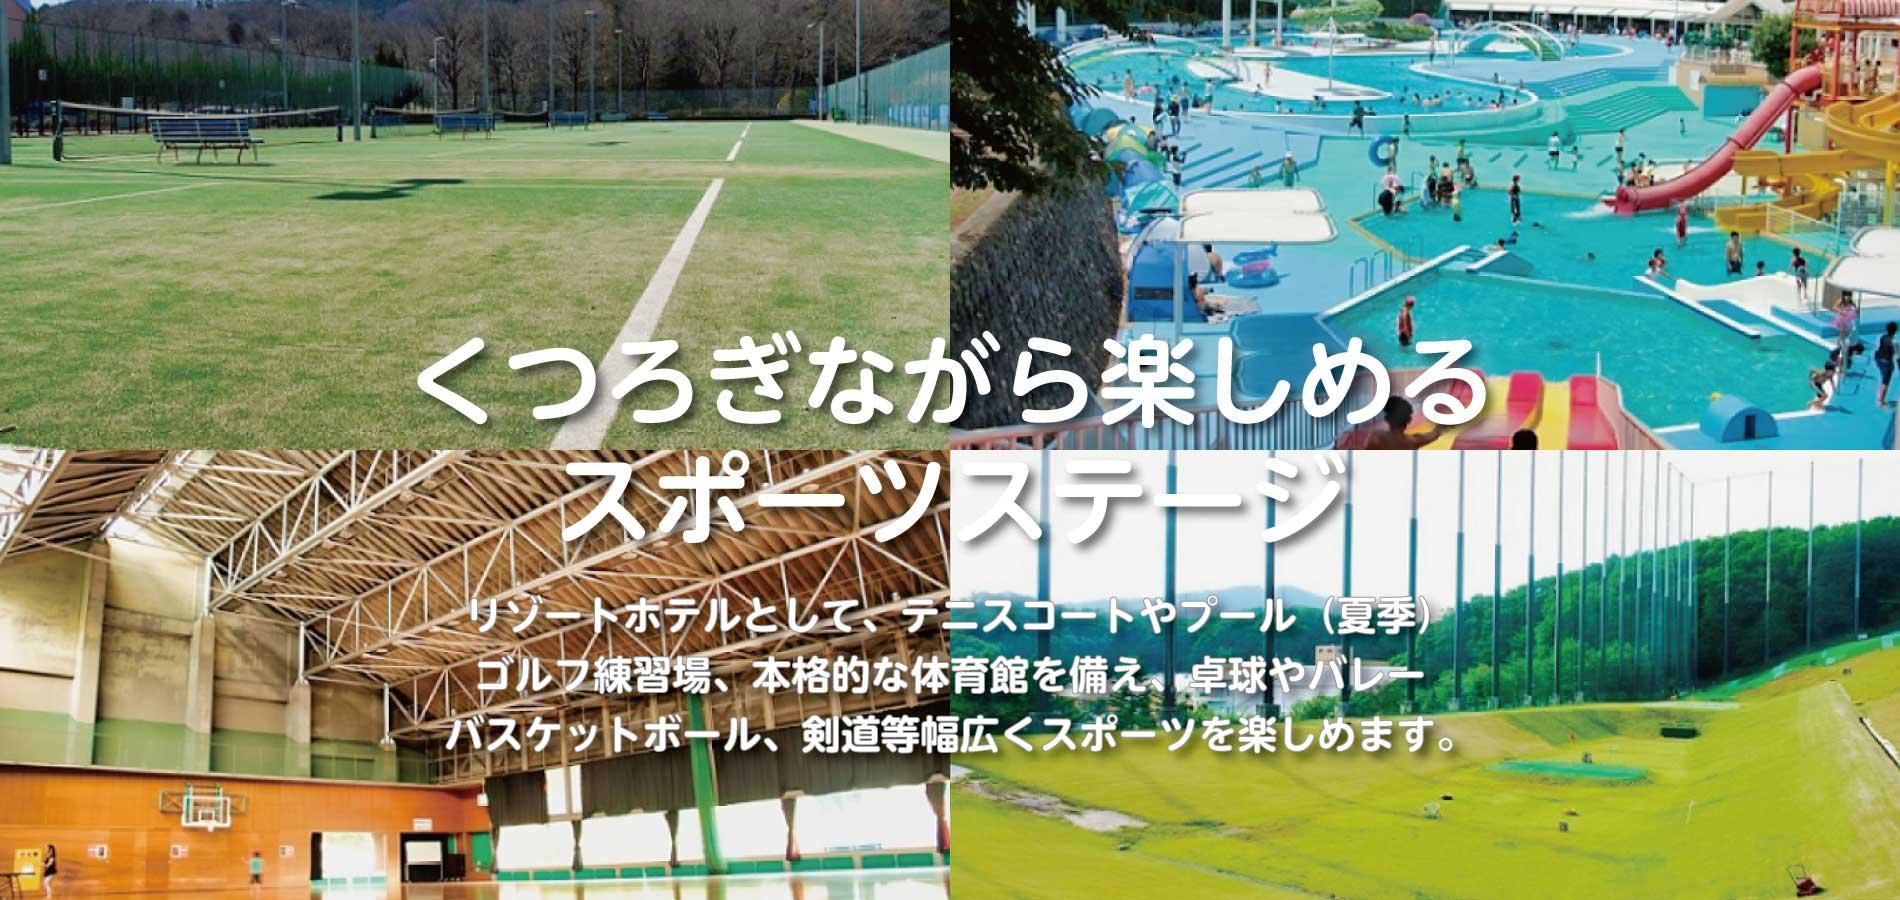 ご せ お サンピア プール ニュー 埼玉